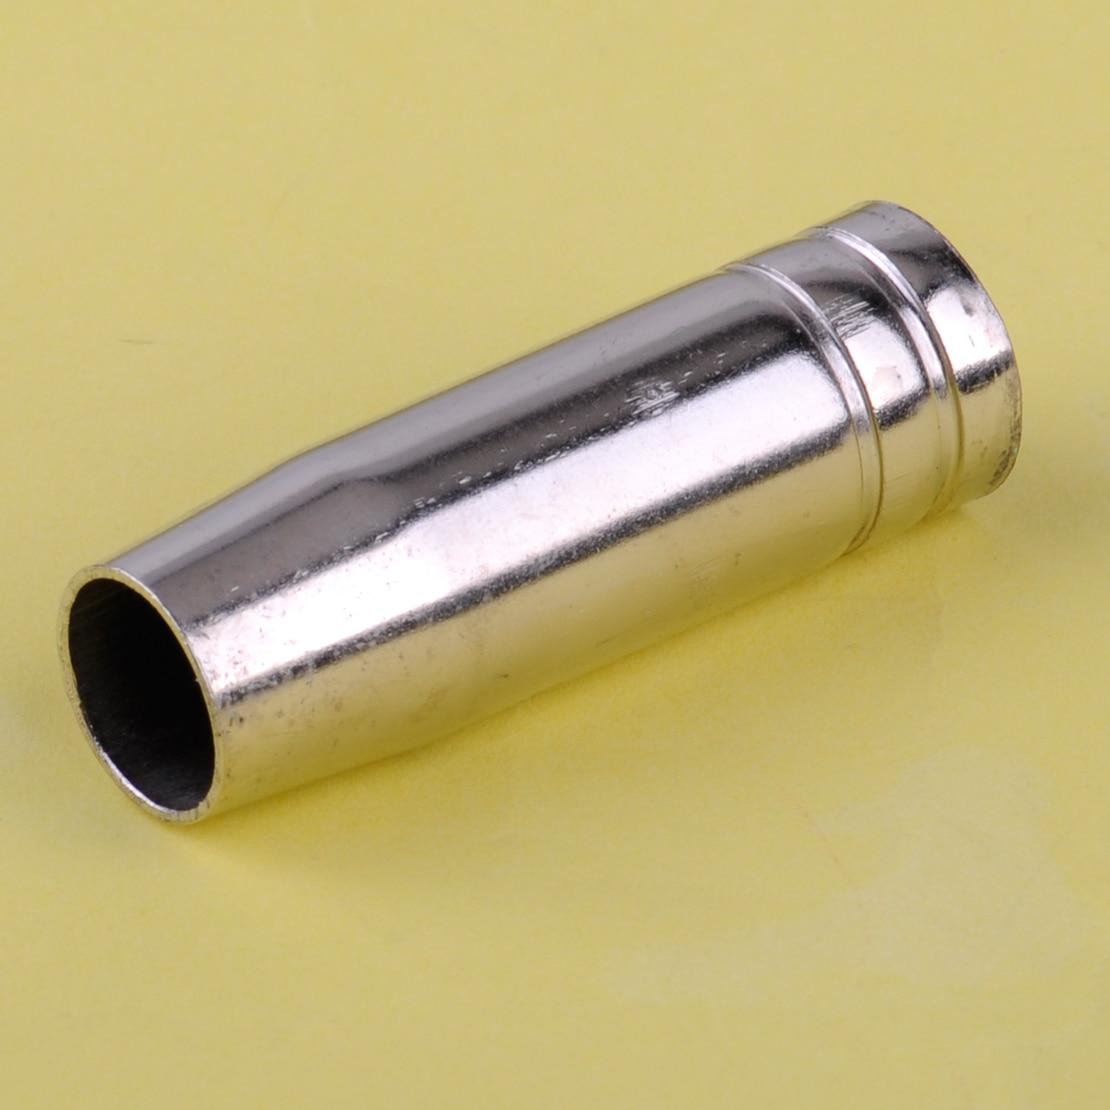 LETAOSK 50 pièces MO 15AK MIG/MAG Torche De Soudage Cuivre Buse Linceul Manchon de Protection De Remplacement